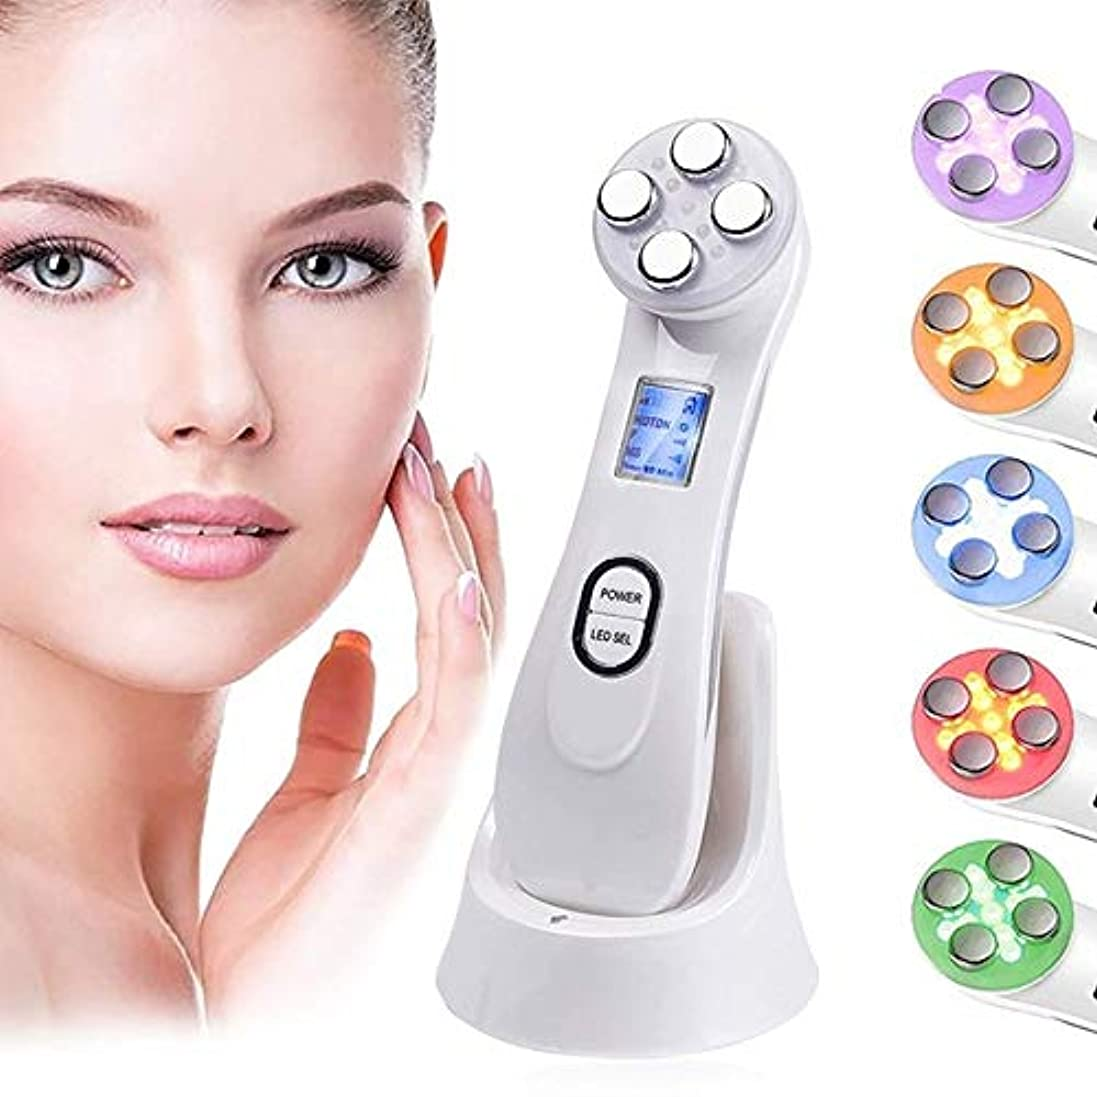 制限複製戸口きれいなマッサージを老化防止1つの顔の摩擦でマイクロ現在のエレクトロポレーション針なし美白美容皮膚光子美容器5